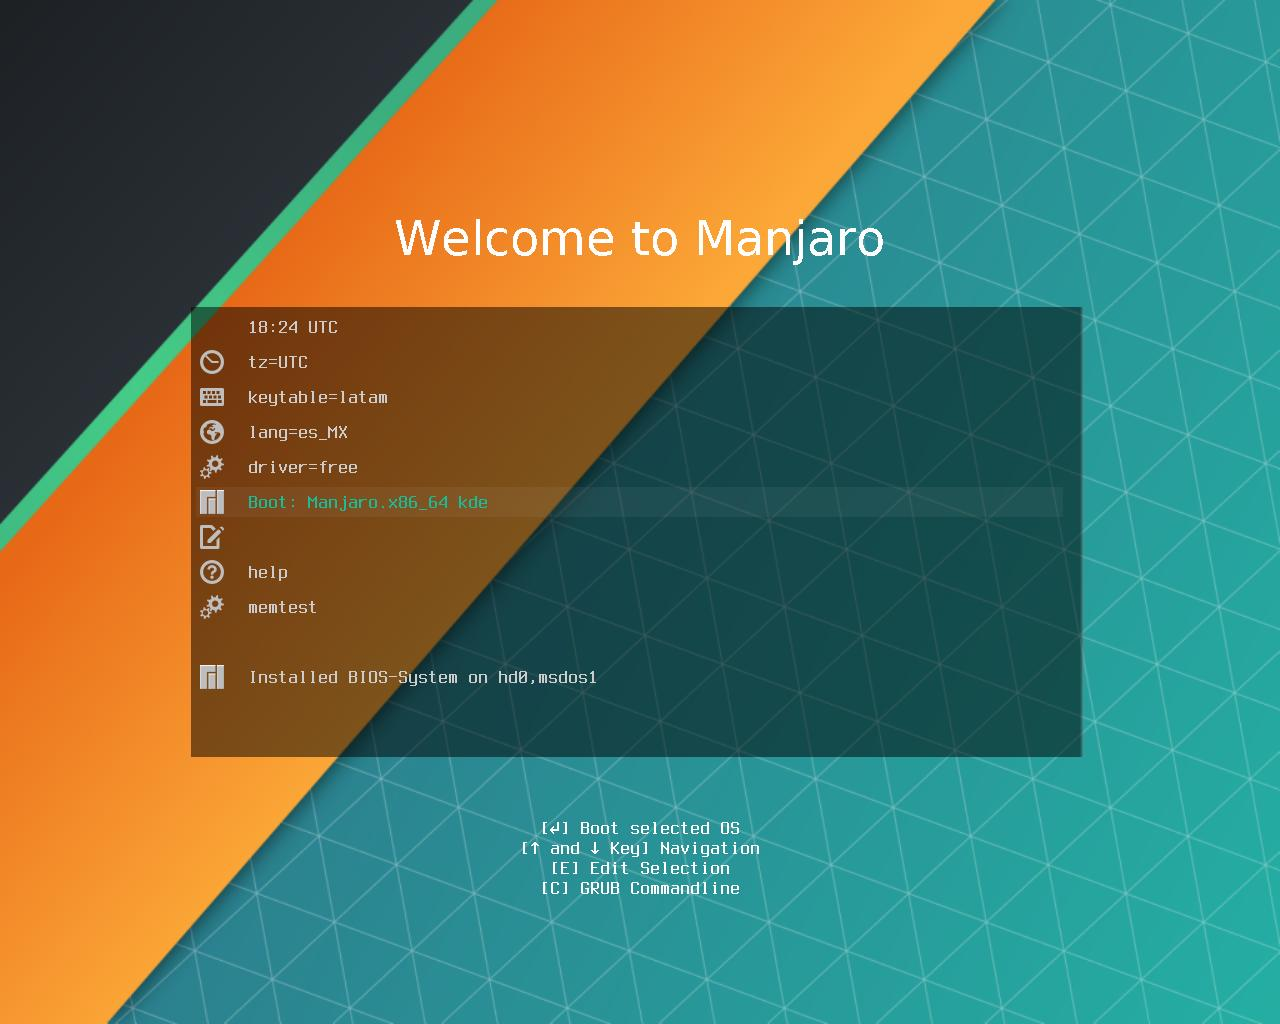 Personalización de la instalación en español, teclado en español de Manjaro KDE